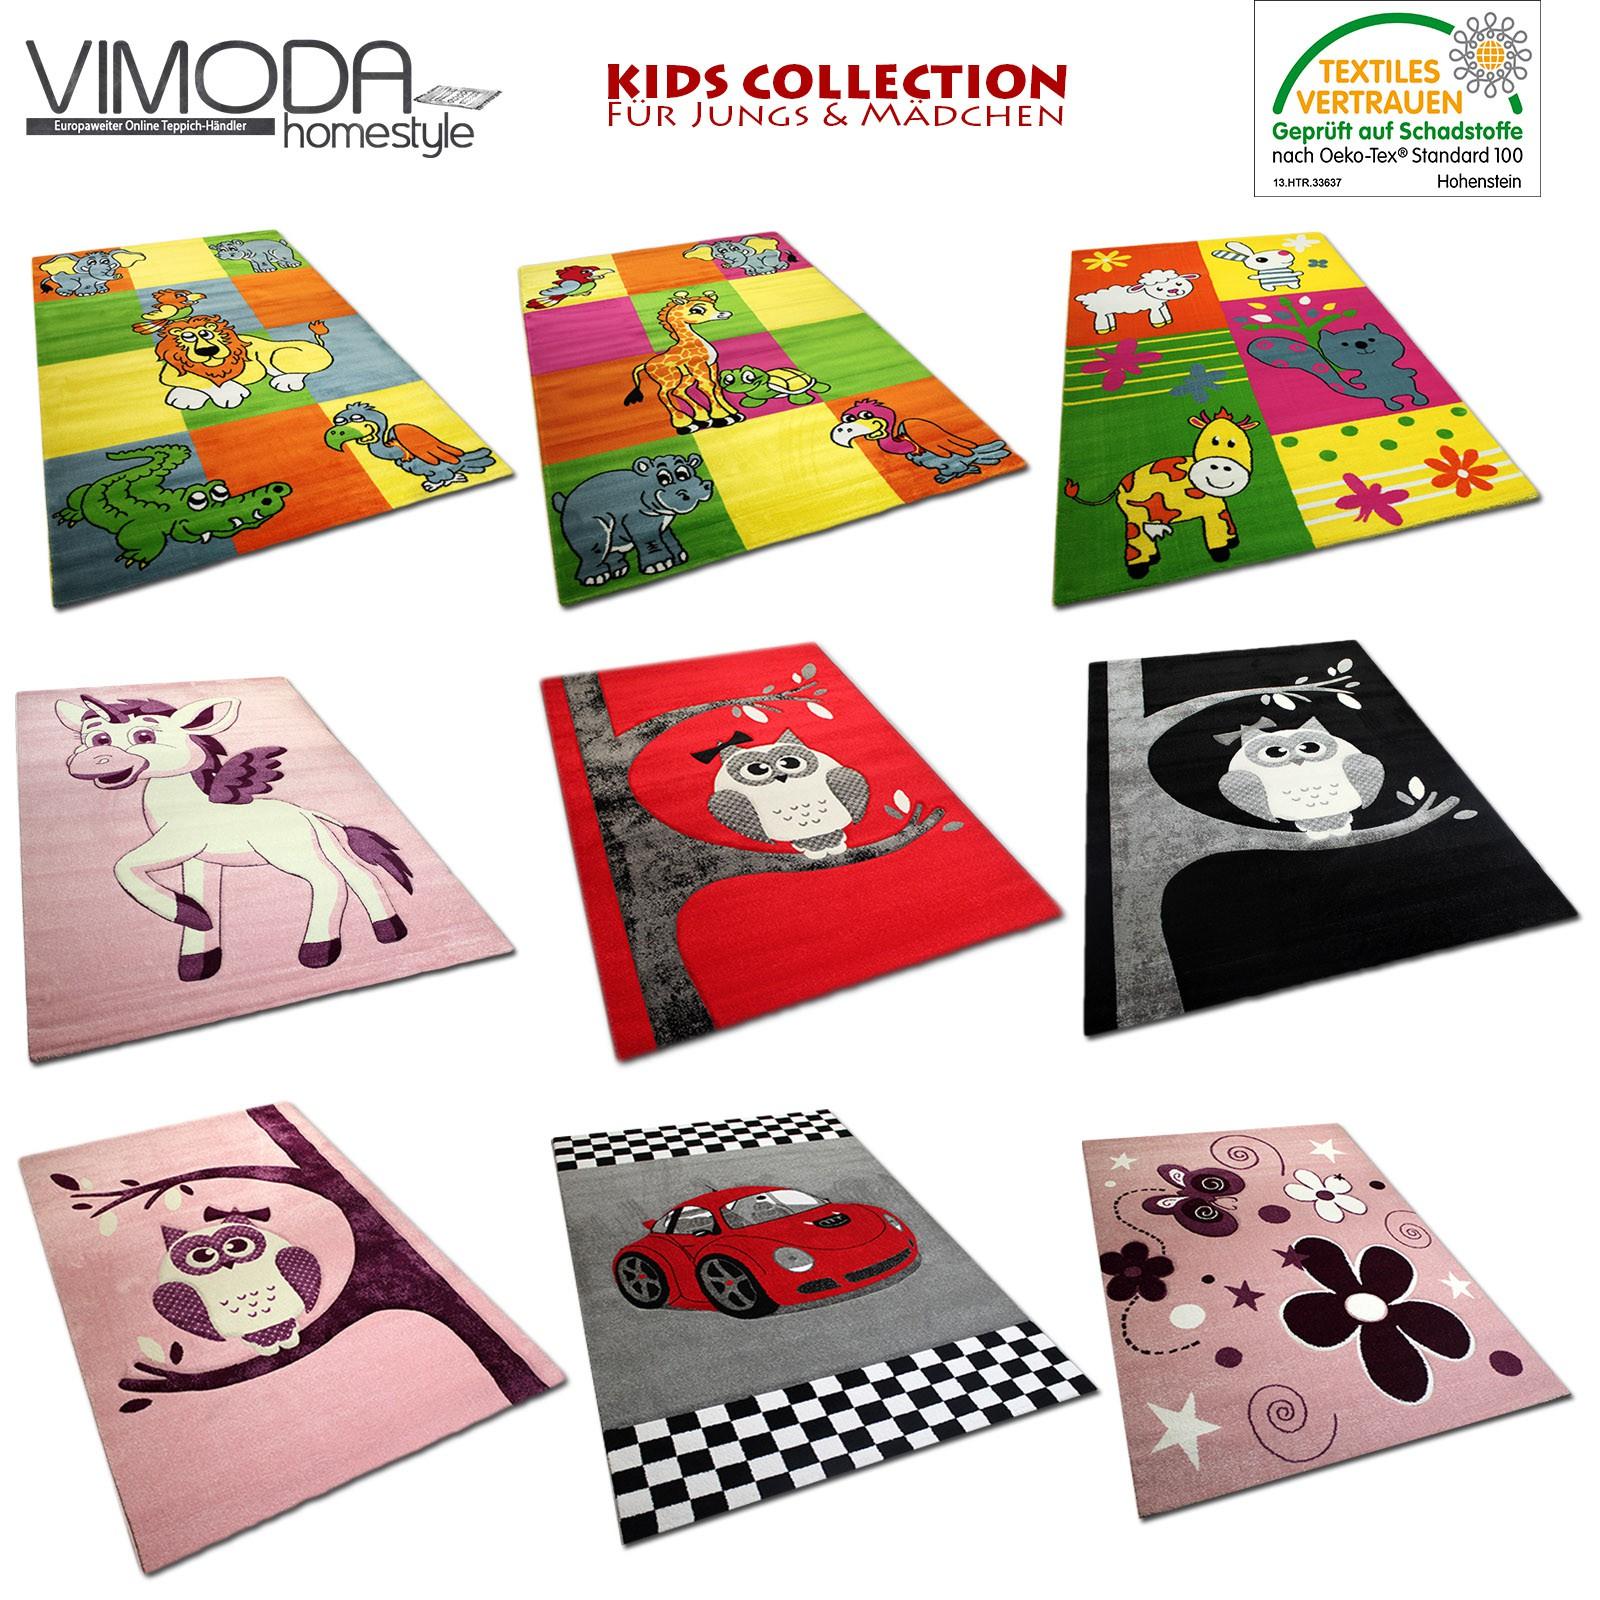 moderne kinderteppiche kinder teppich kuh schaf giraffe in. Black Bedroom Furniture Sets. Home Design Ideas